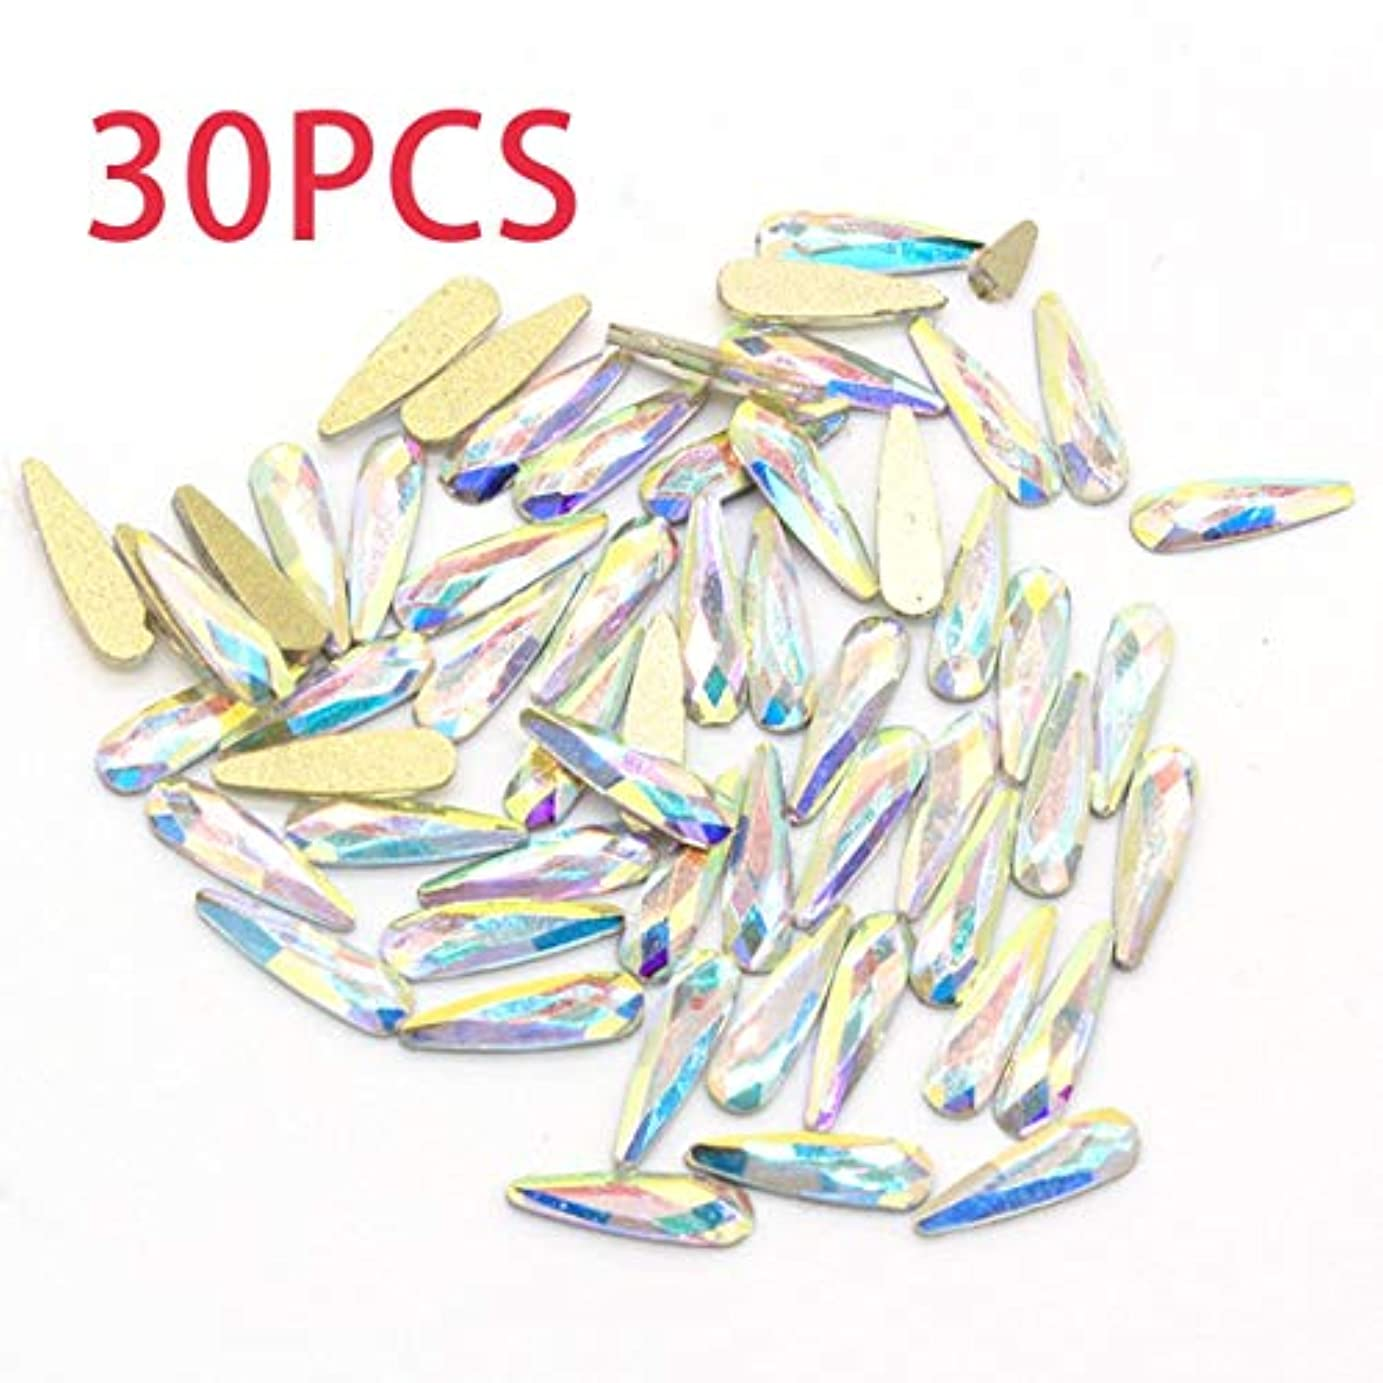 肖像画資本主義シェルターBirdlanternネイルクリスタル宝石用釘3Dネイルアートの装飾フラットバックドロップガラスストラスストーンジュエリーABダイヤモンドDIY